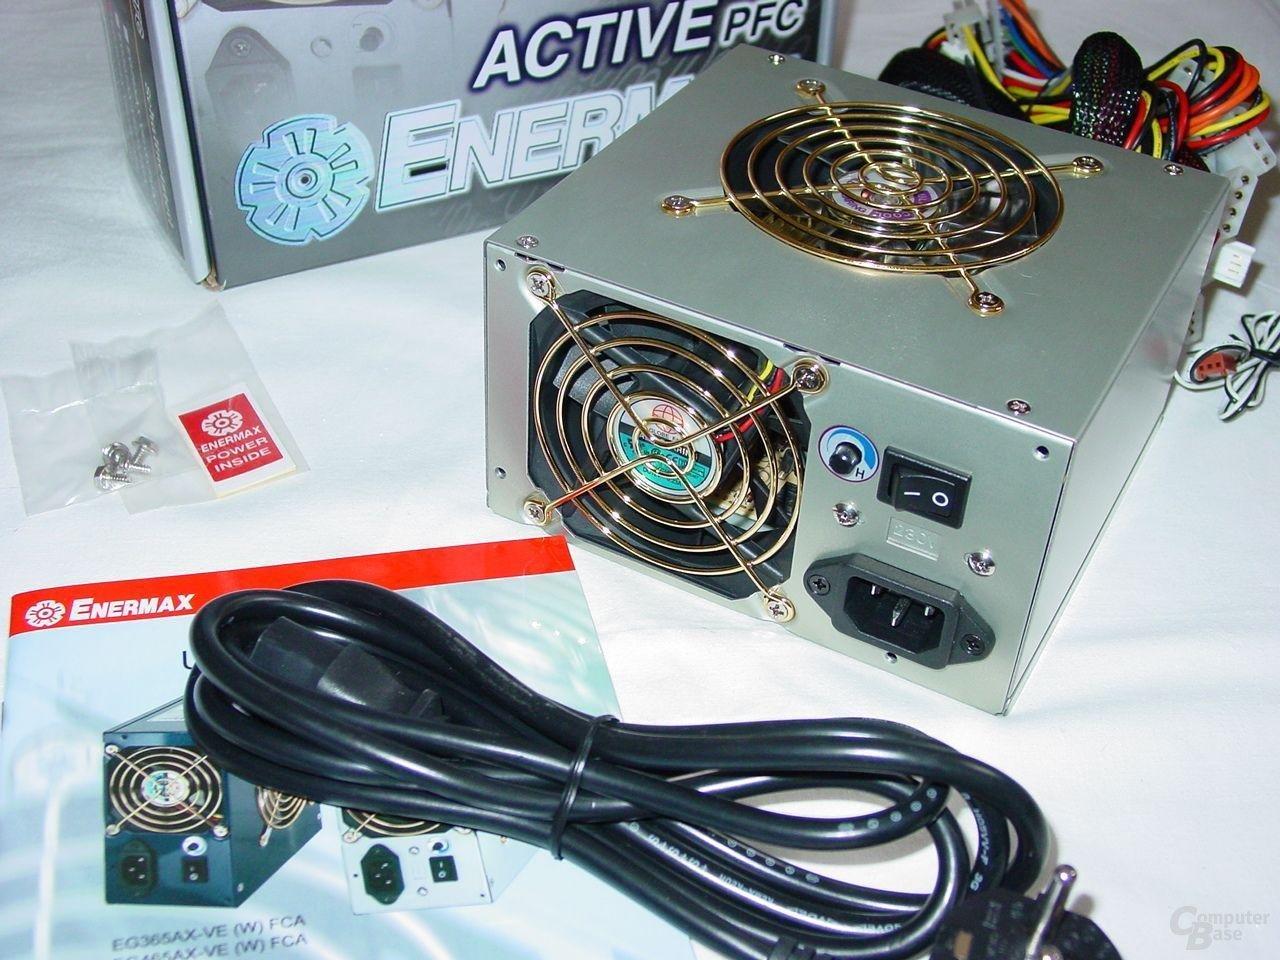 Enermax EG365 AX-VE